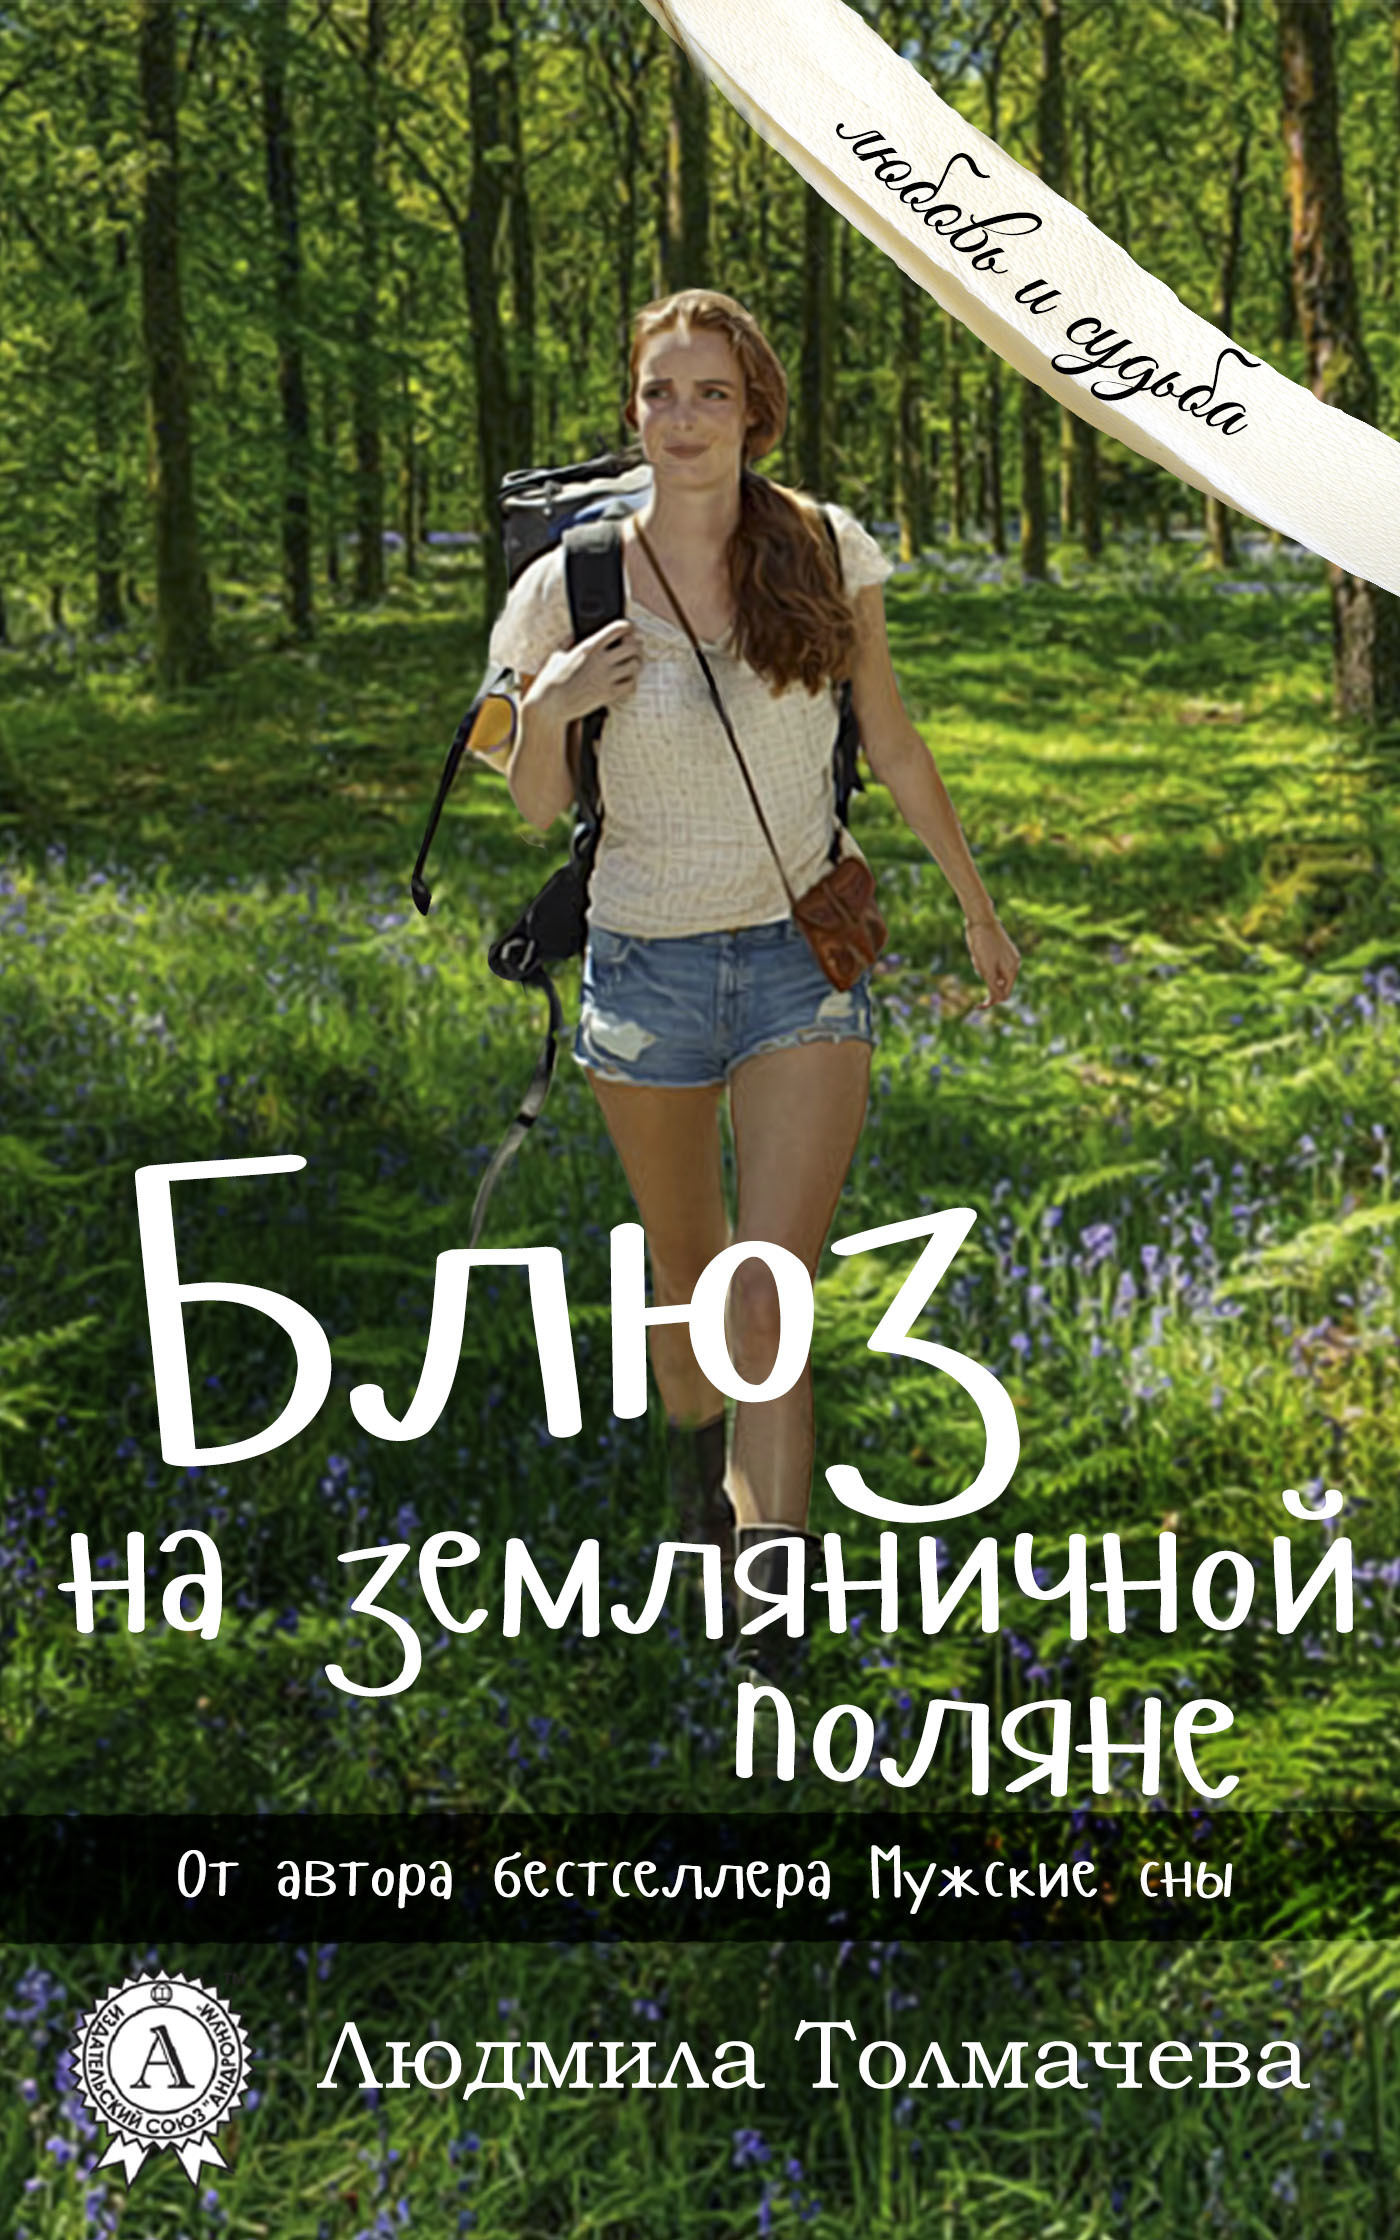 Людмила Толмачева